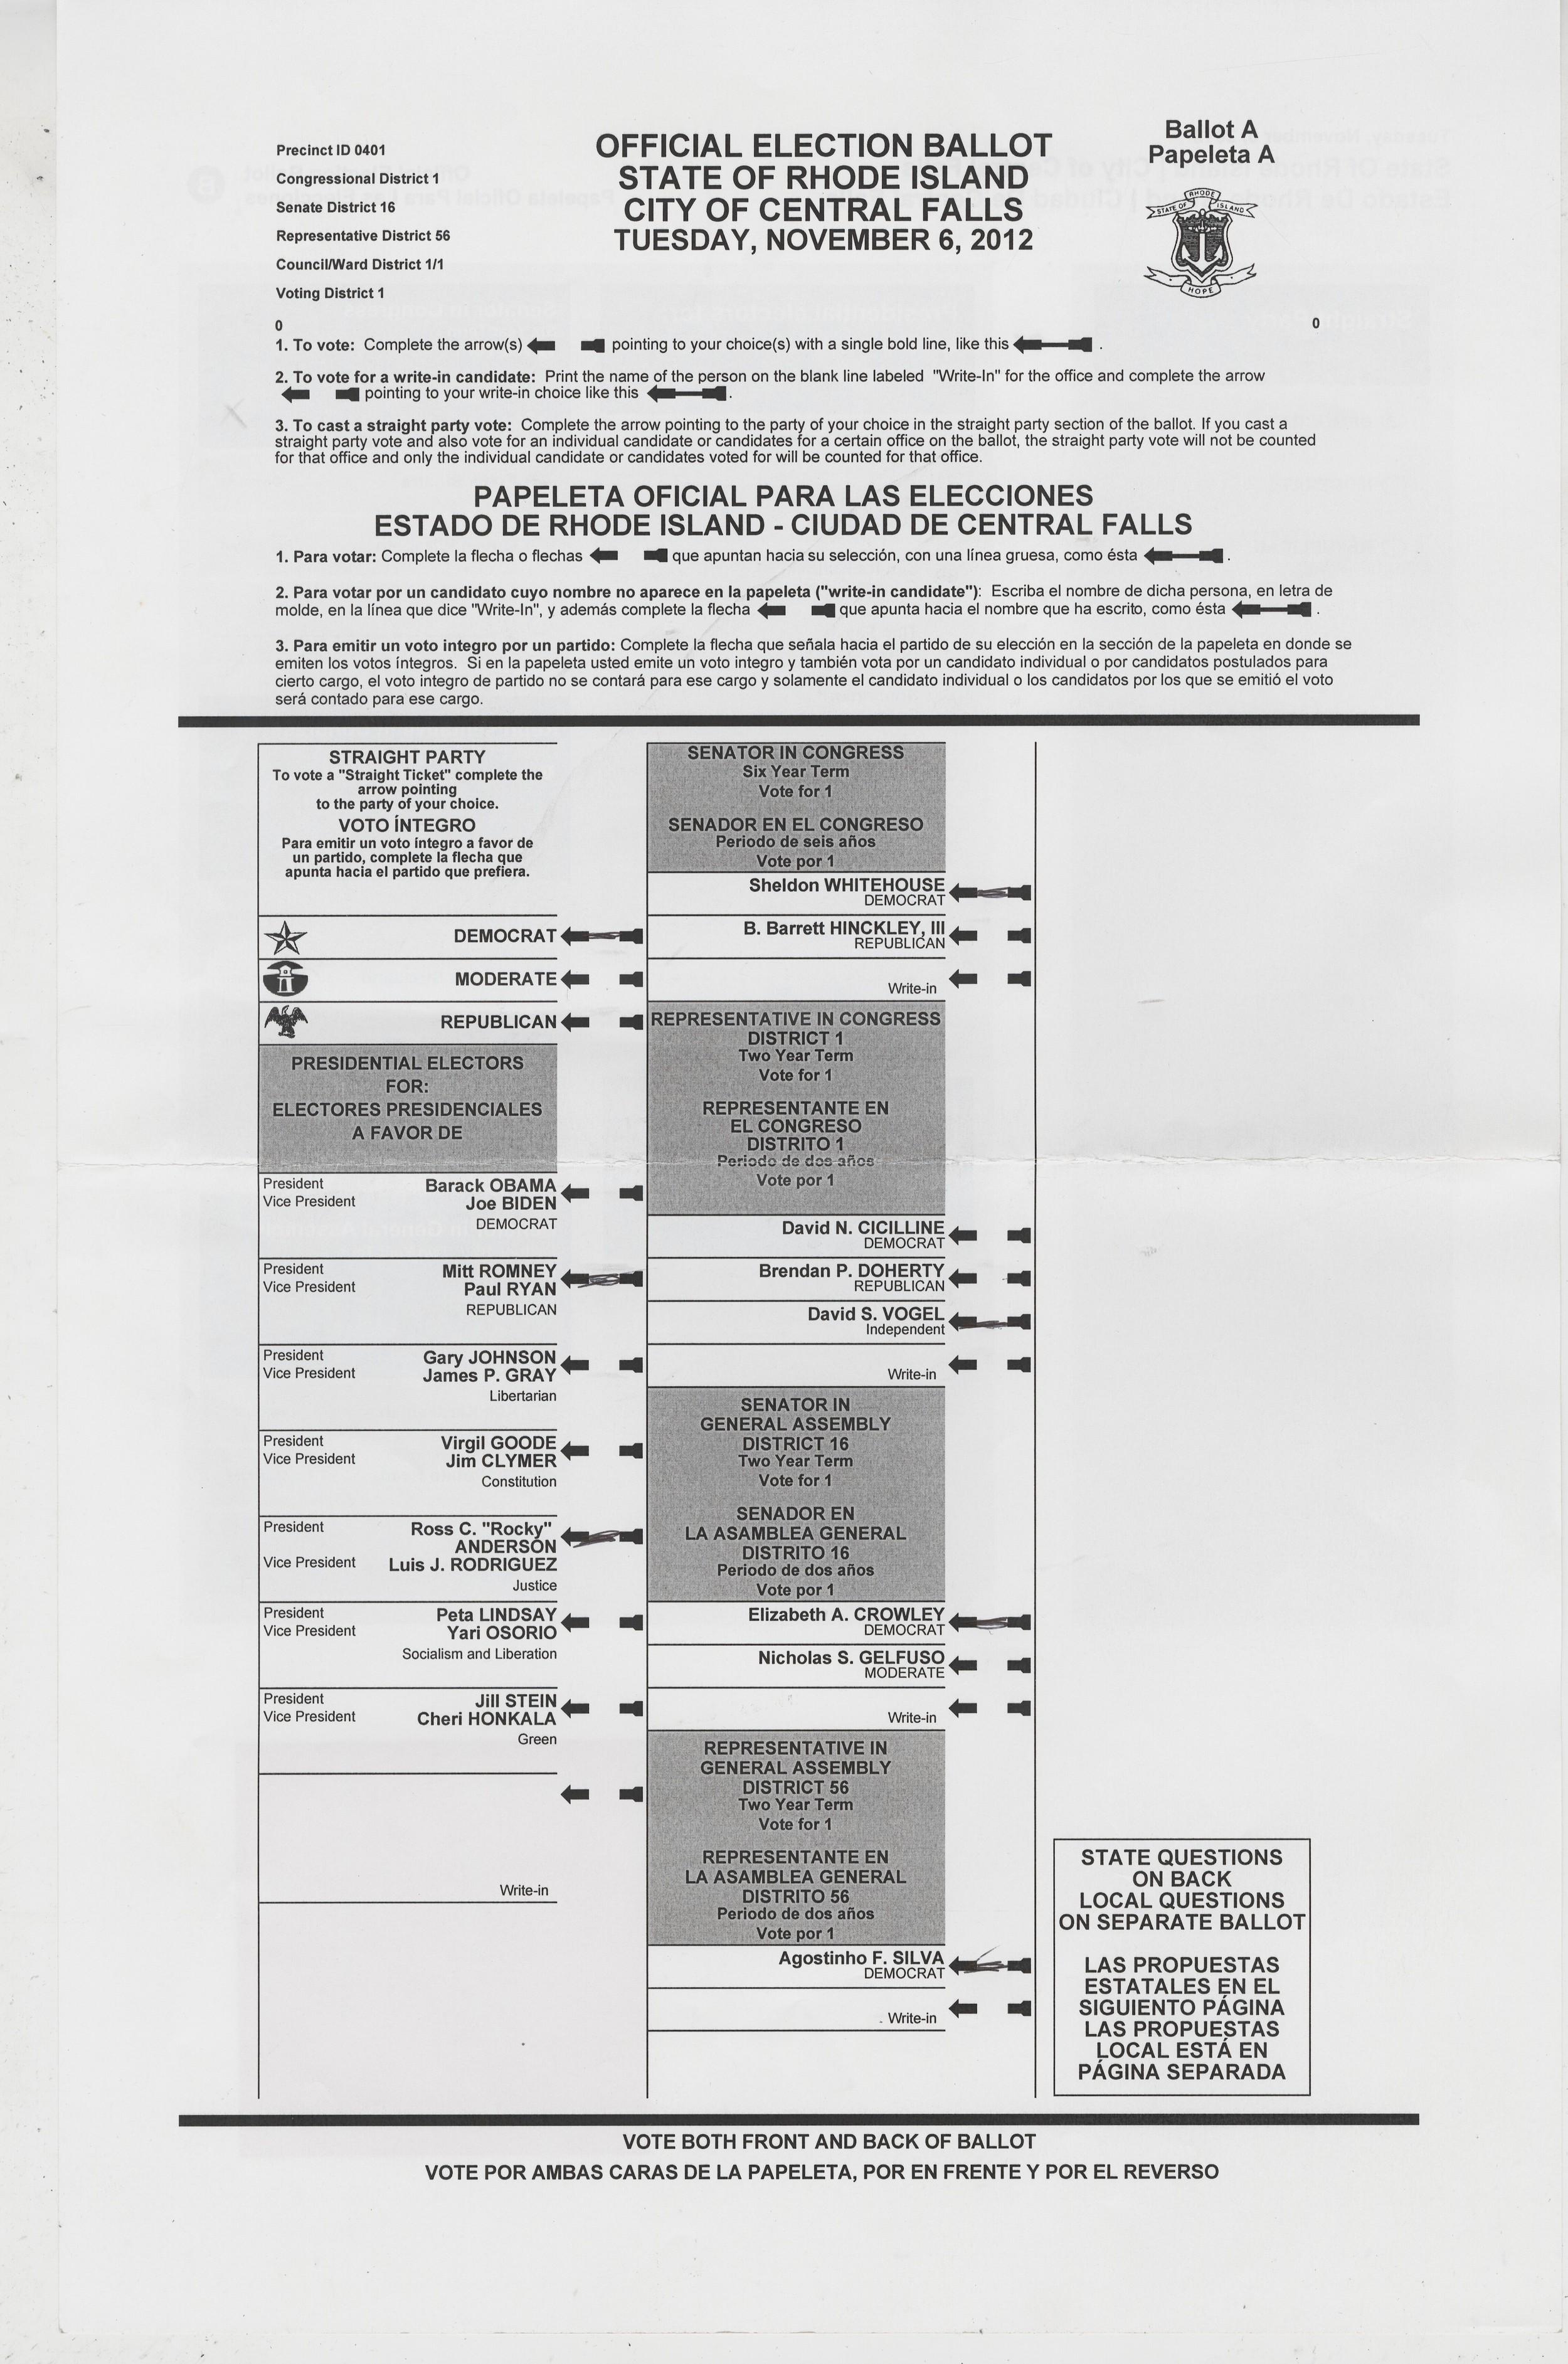 ballot_03a.jpg